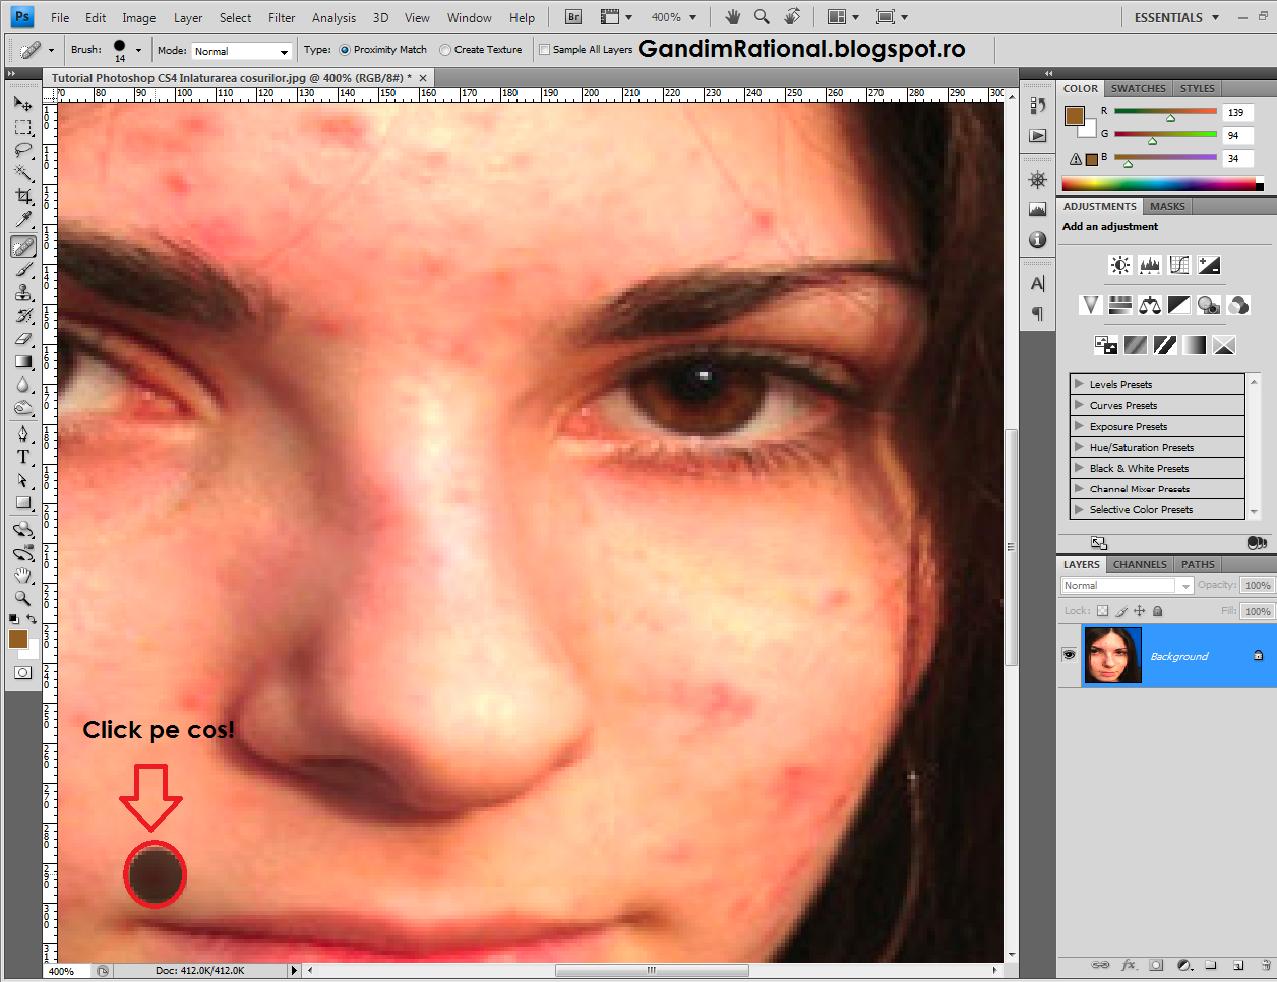 Tutorial Photoshop CS4 Inlaturarea Cosurilor